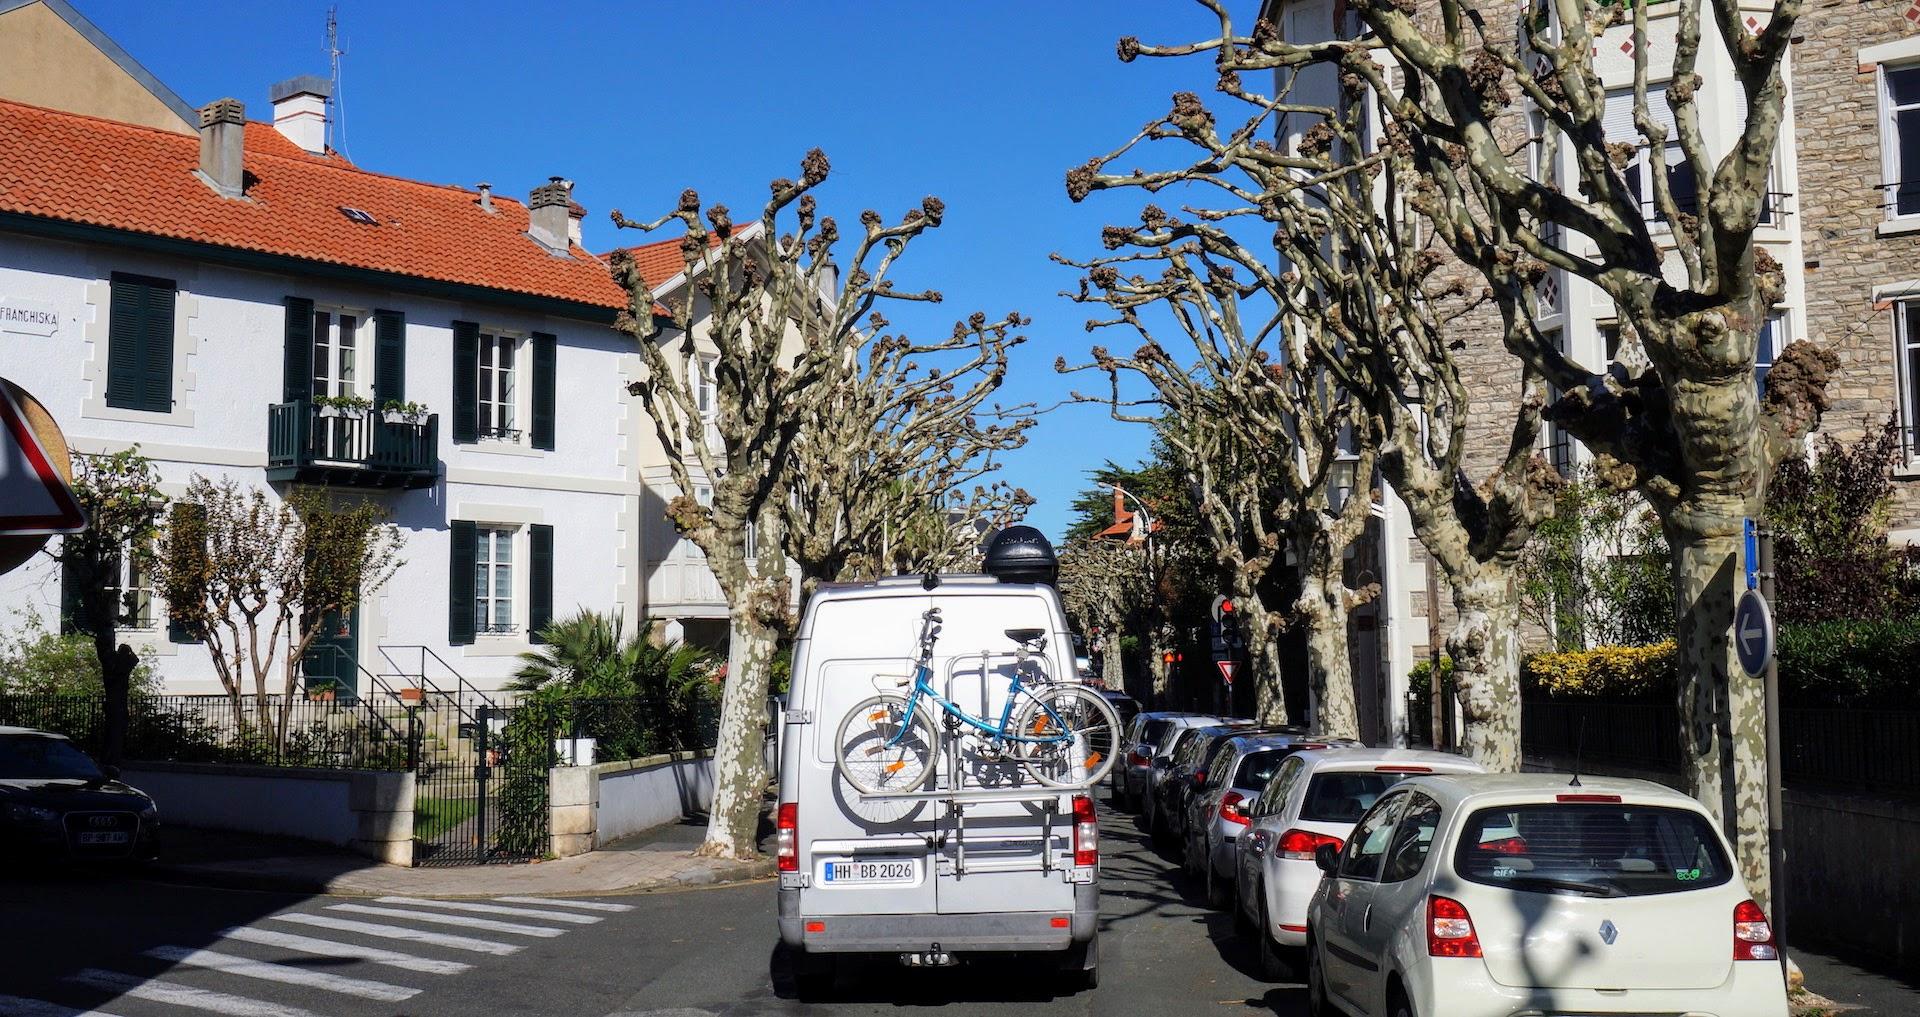 Camper in Allee in Biarritz